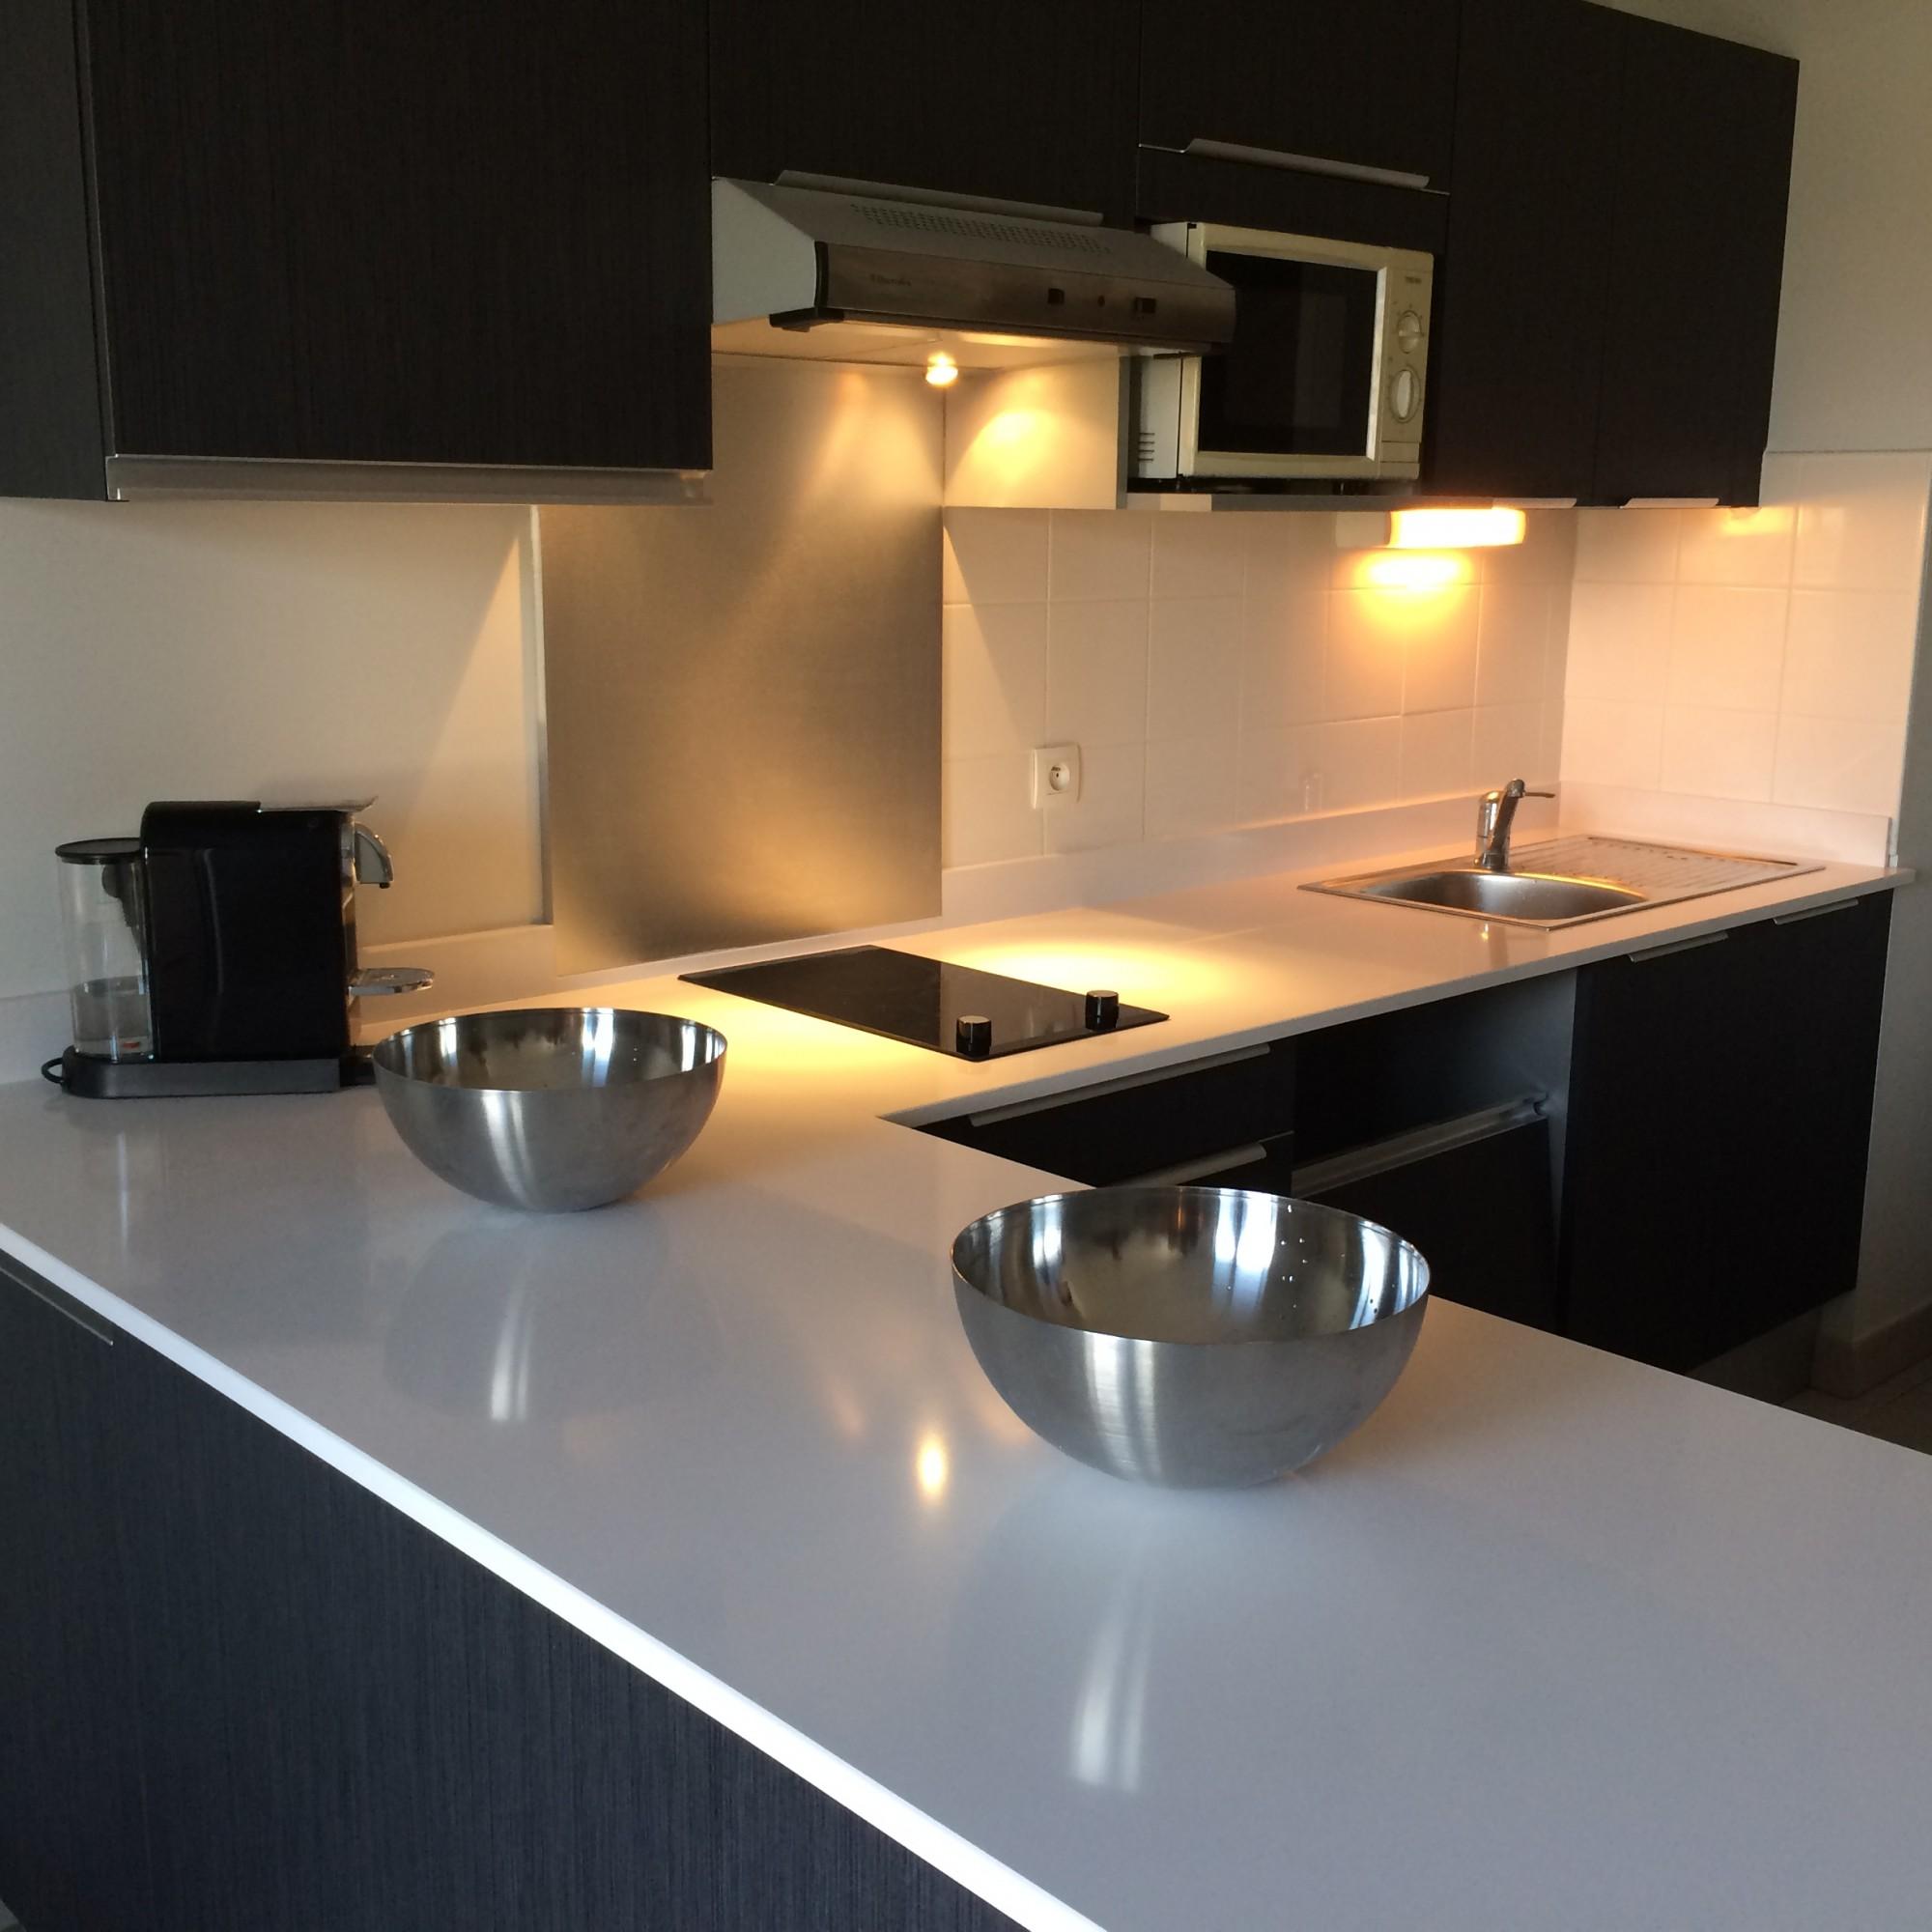 Plan De Travail Cuisine Marbre Prix prix cuisine en marbre sur-mesure lège-cap-ferret 33950 - hm